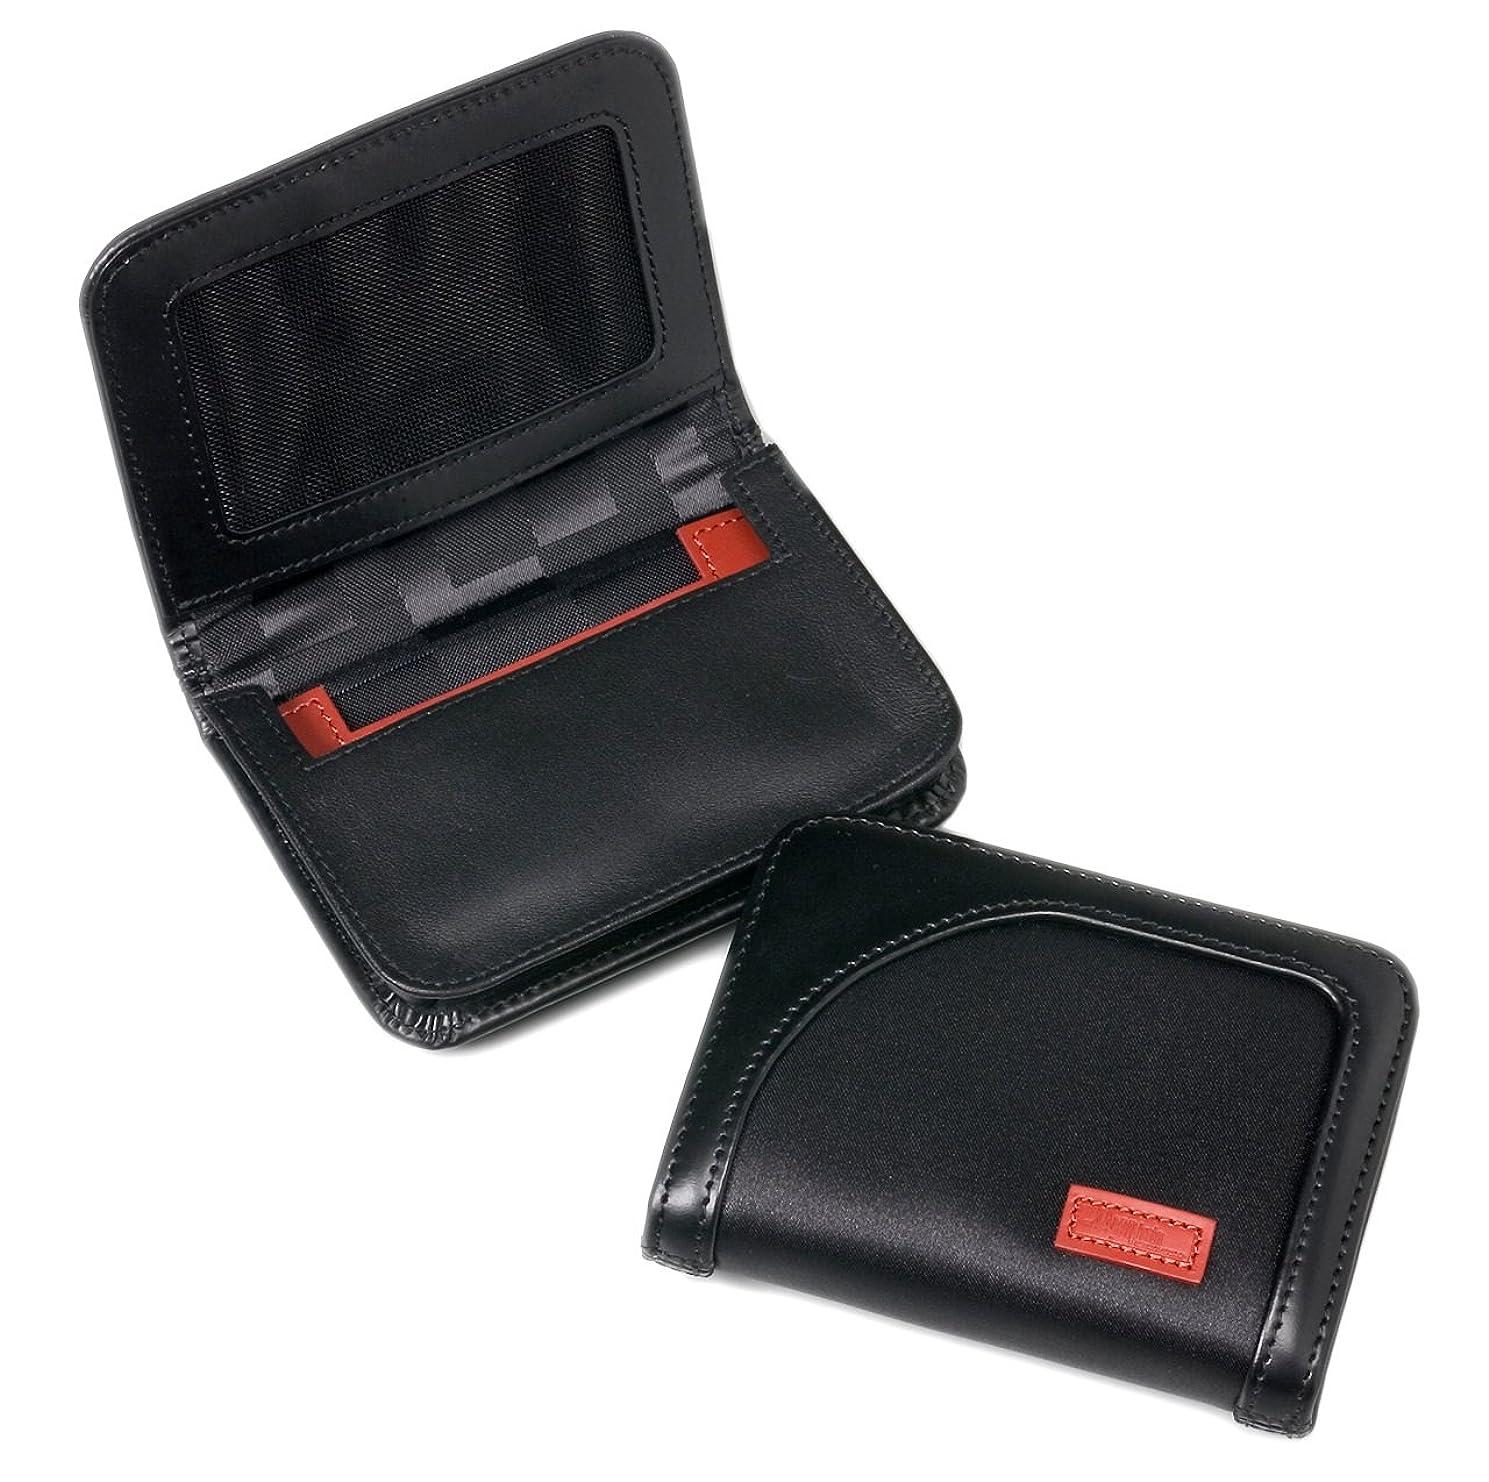 平均言うまでもなくコンプライアンス【アーロン?アーヴィン】 名刺入れ ナイロン Card Case with Gusset AA-MCCG-BK(ブラック)